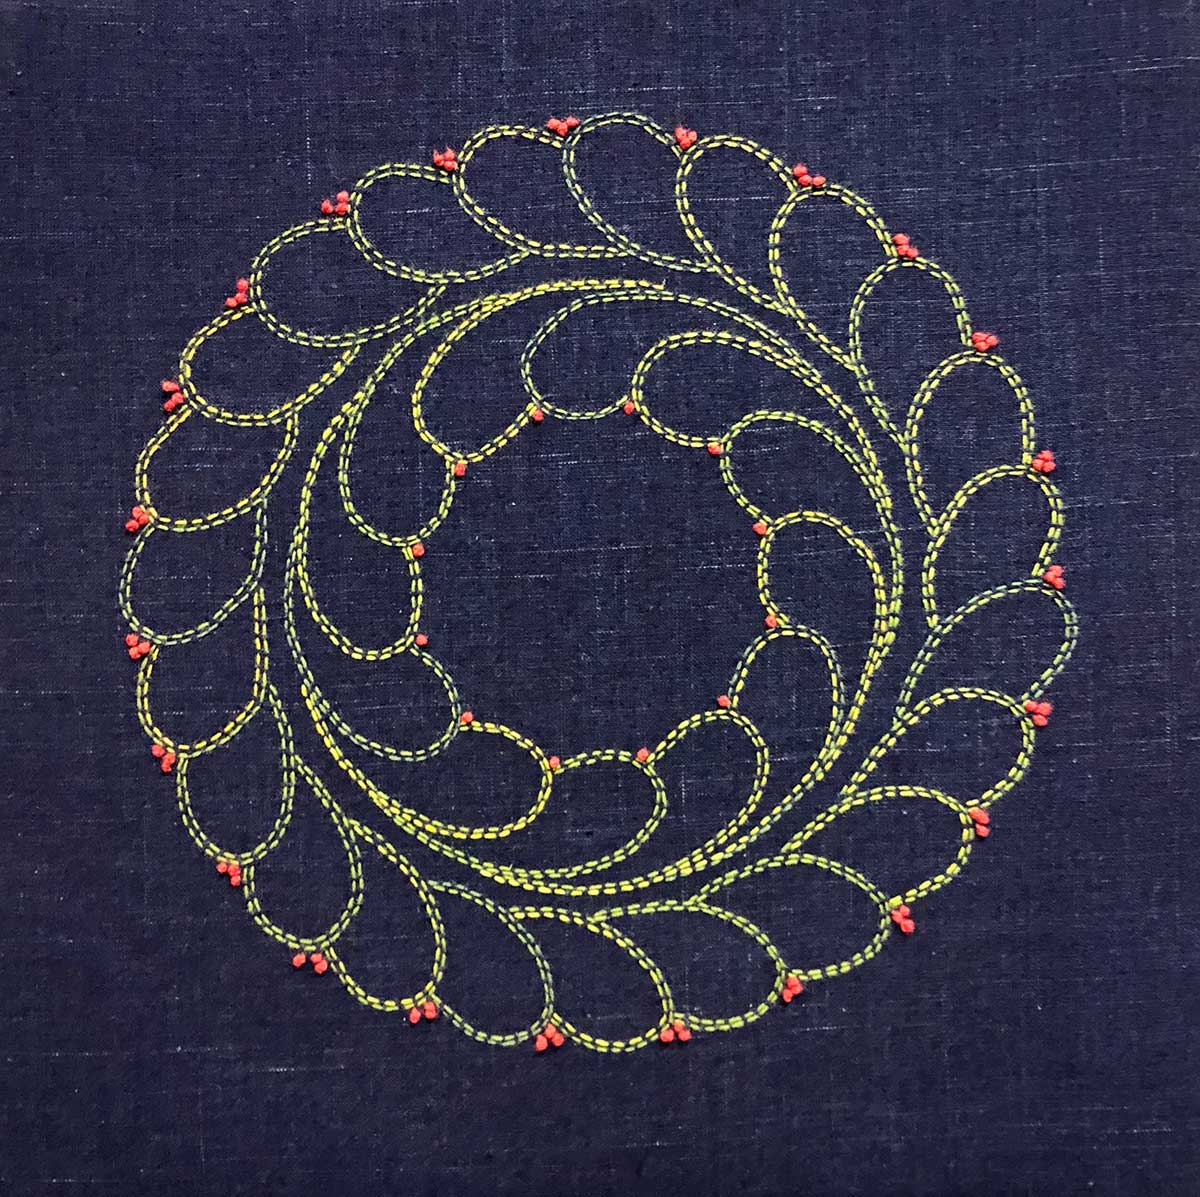 Boxwood Sashiko Wreath © Susan Ball Faeder